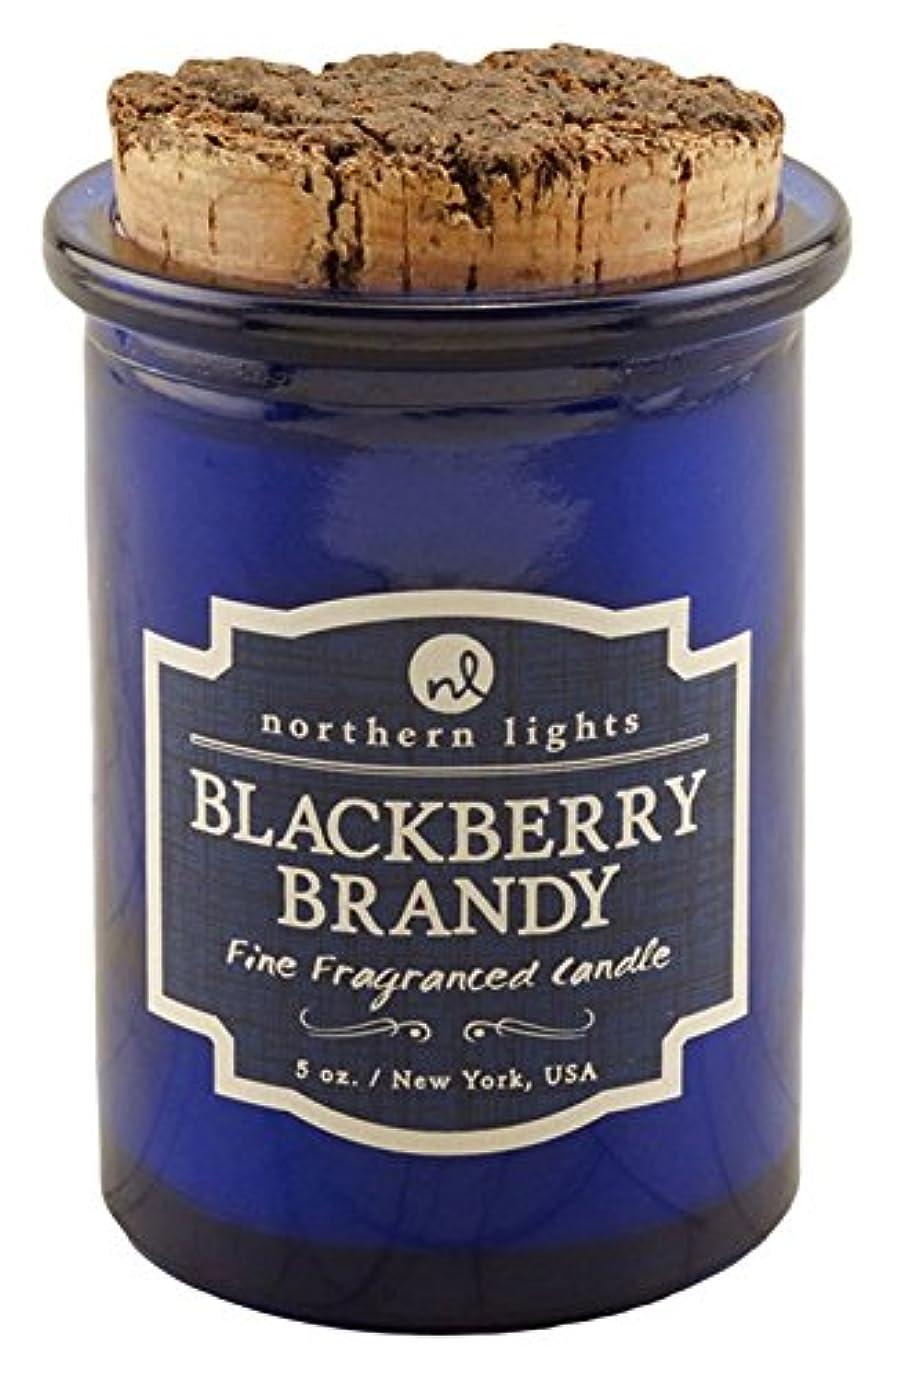 ウッズ収入便宜Northern lights Candles スピリットジャーキャンドル ブラックベリーブランデー NLS52602